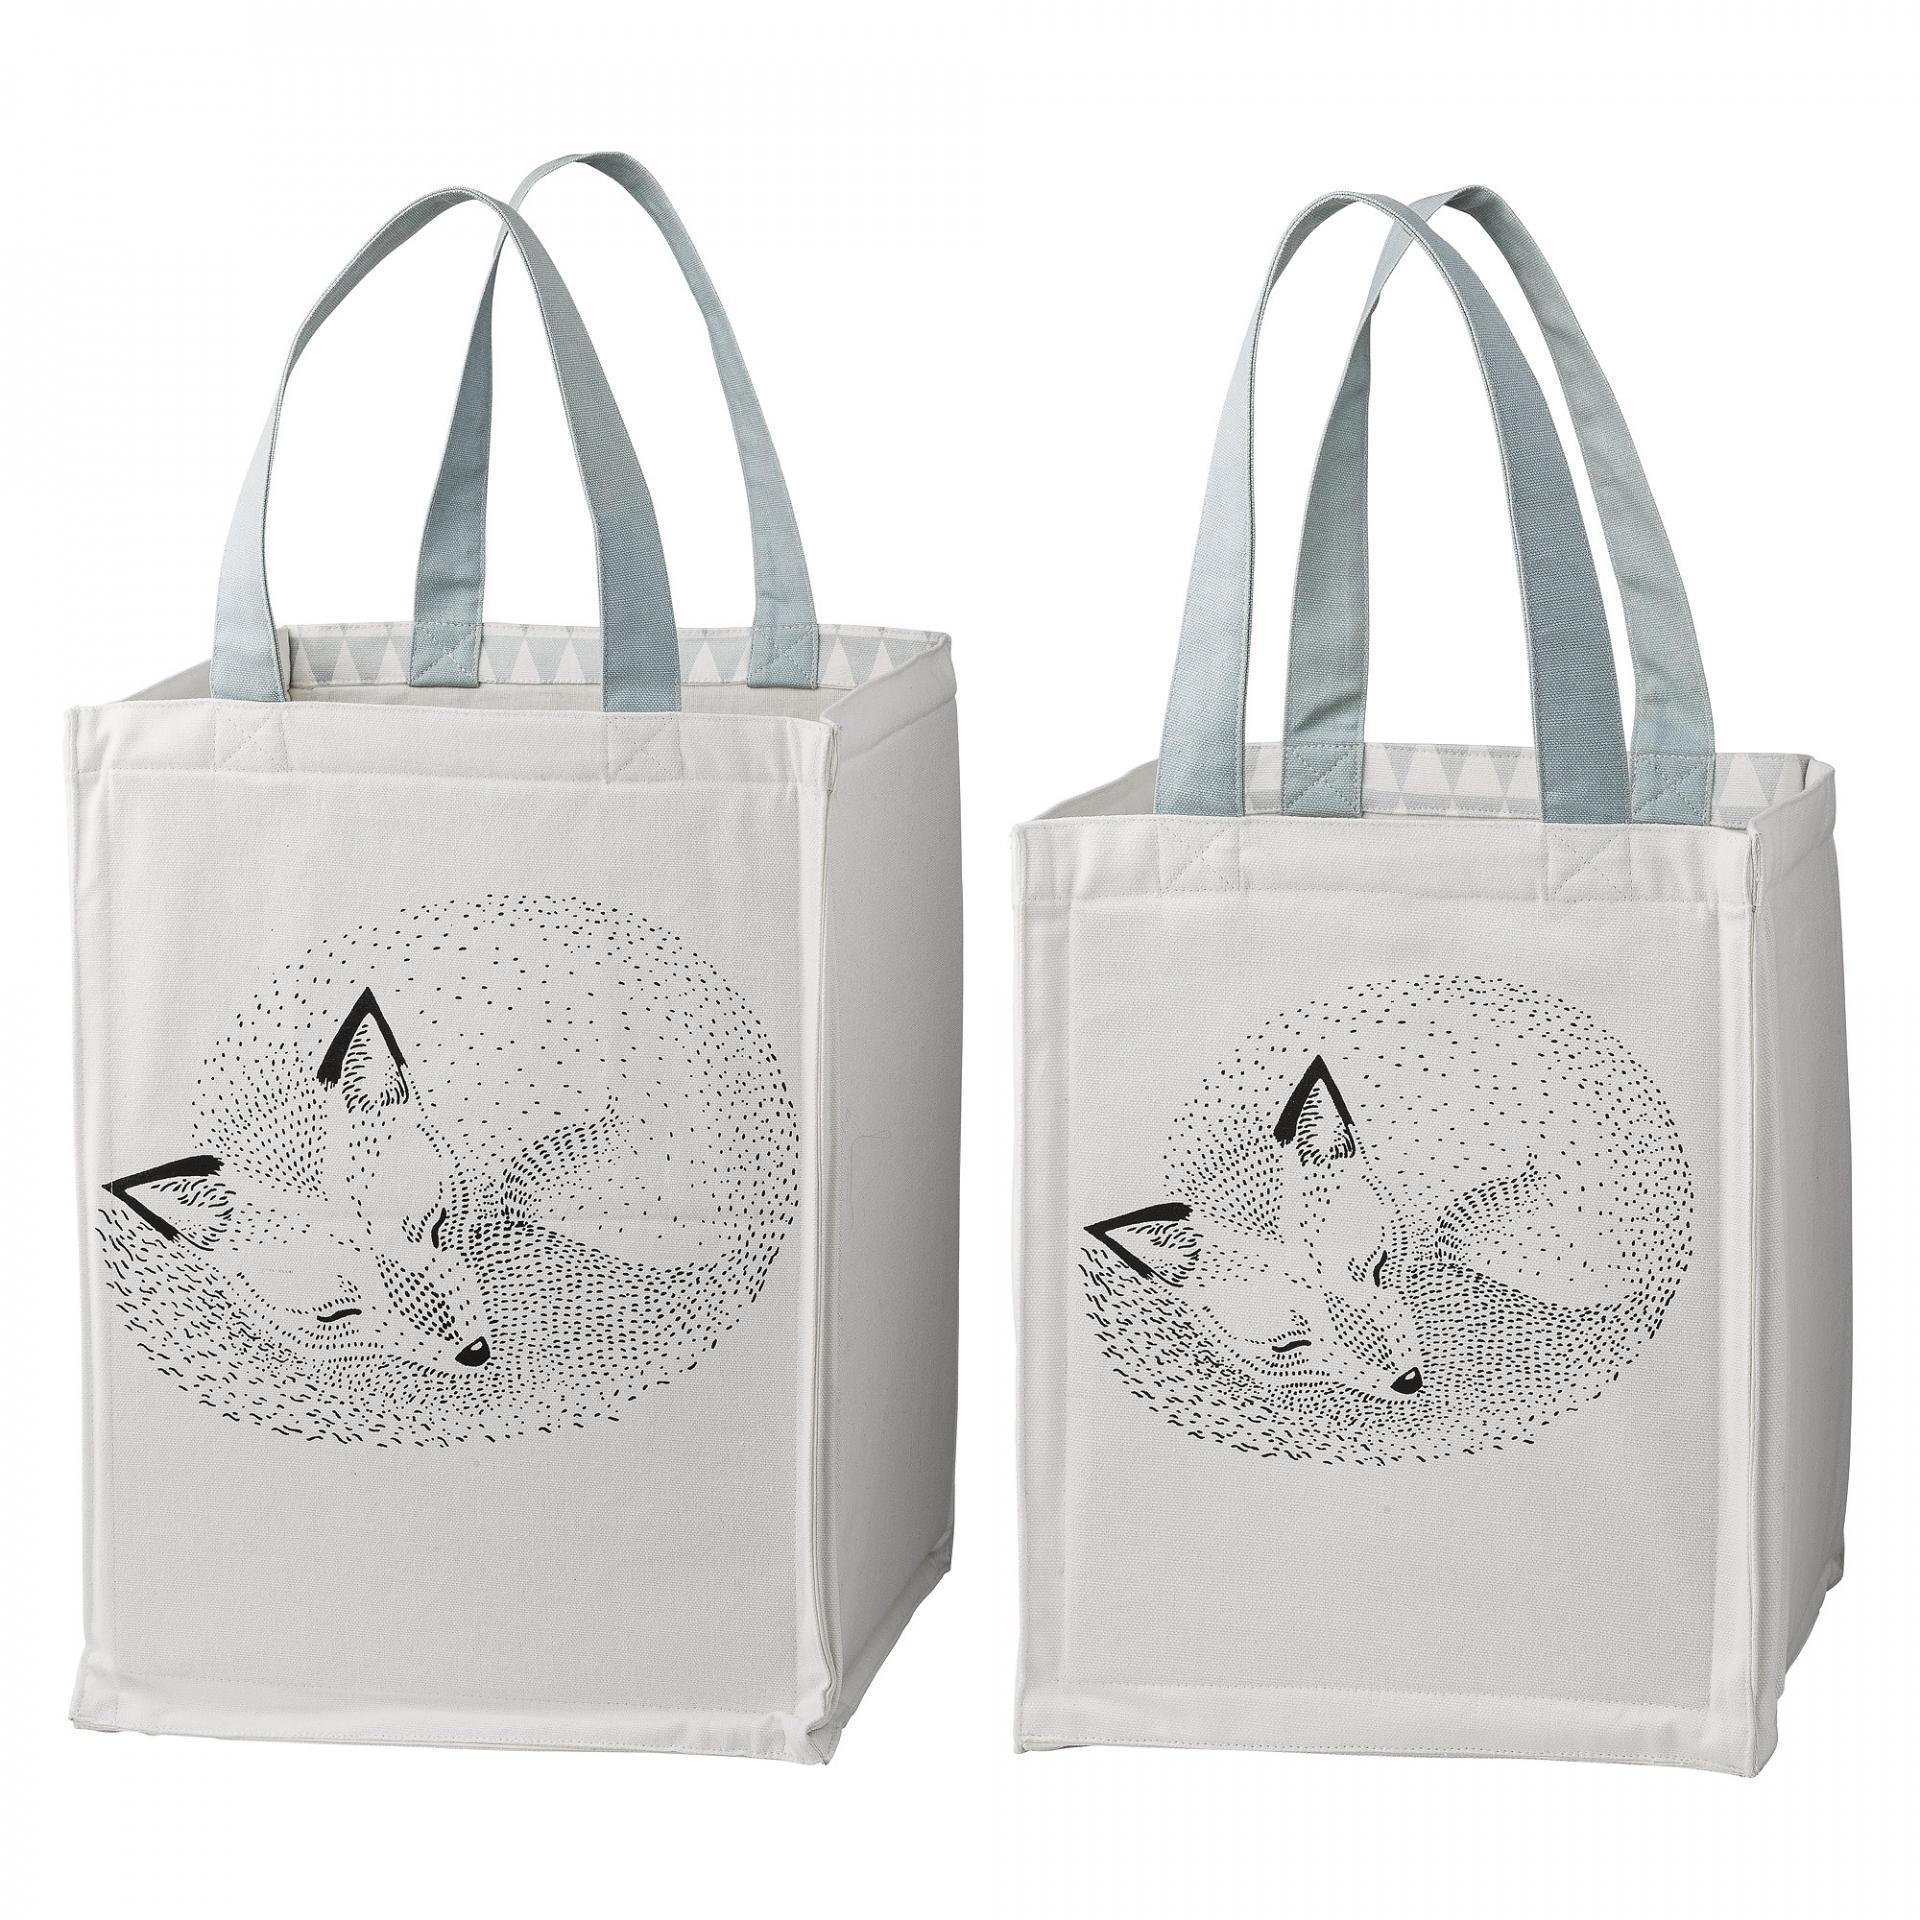 Bloomingville Úložný textilní box pro děti Fox Větší, modrá barva, bílá barva, textil